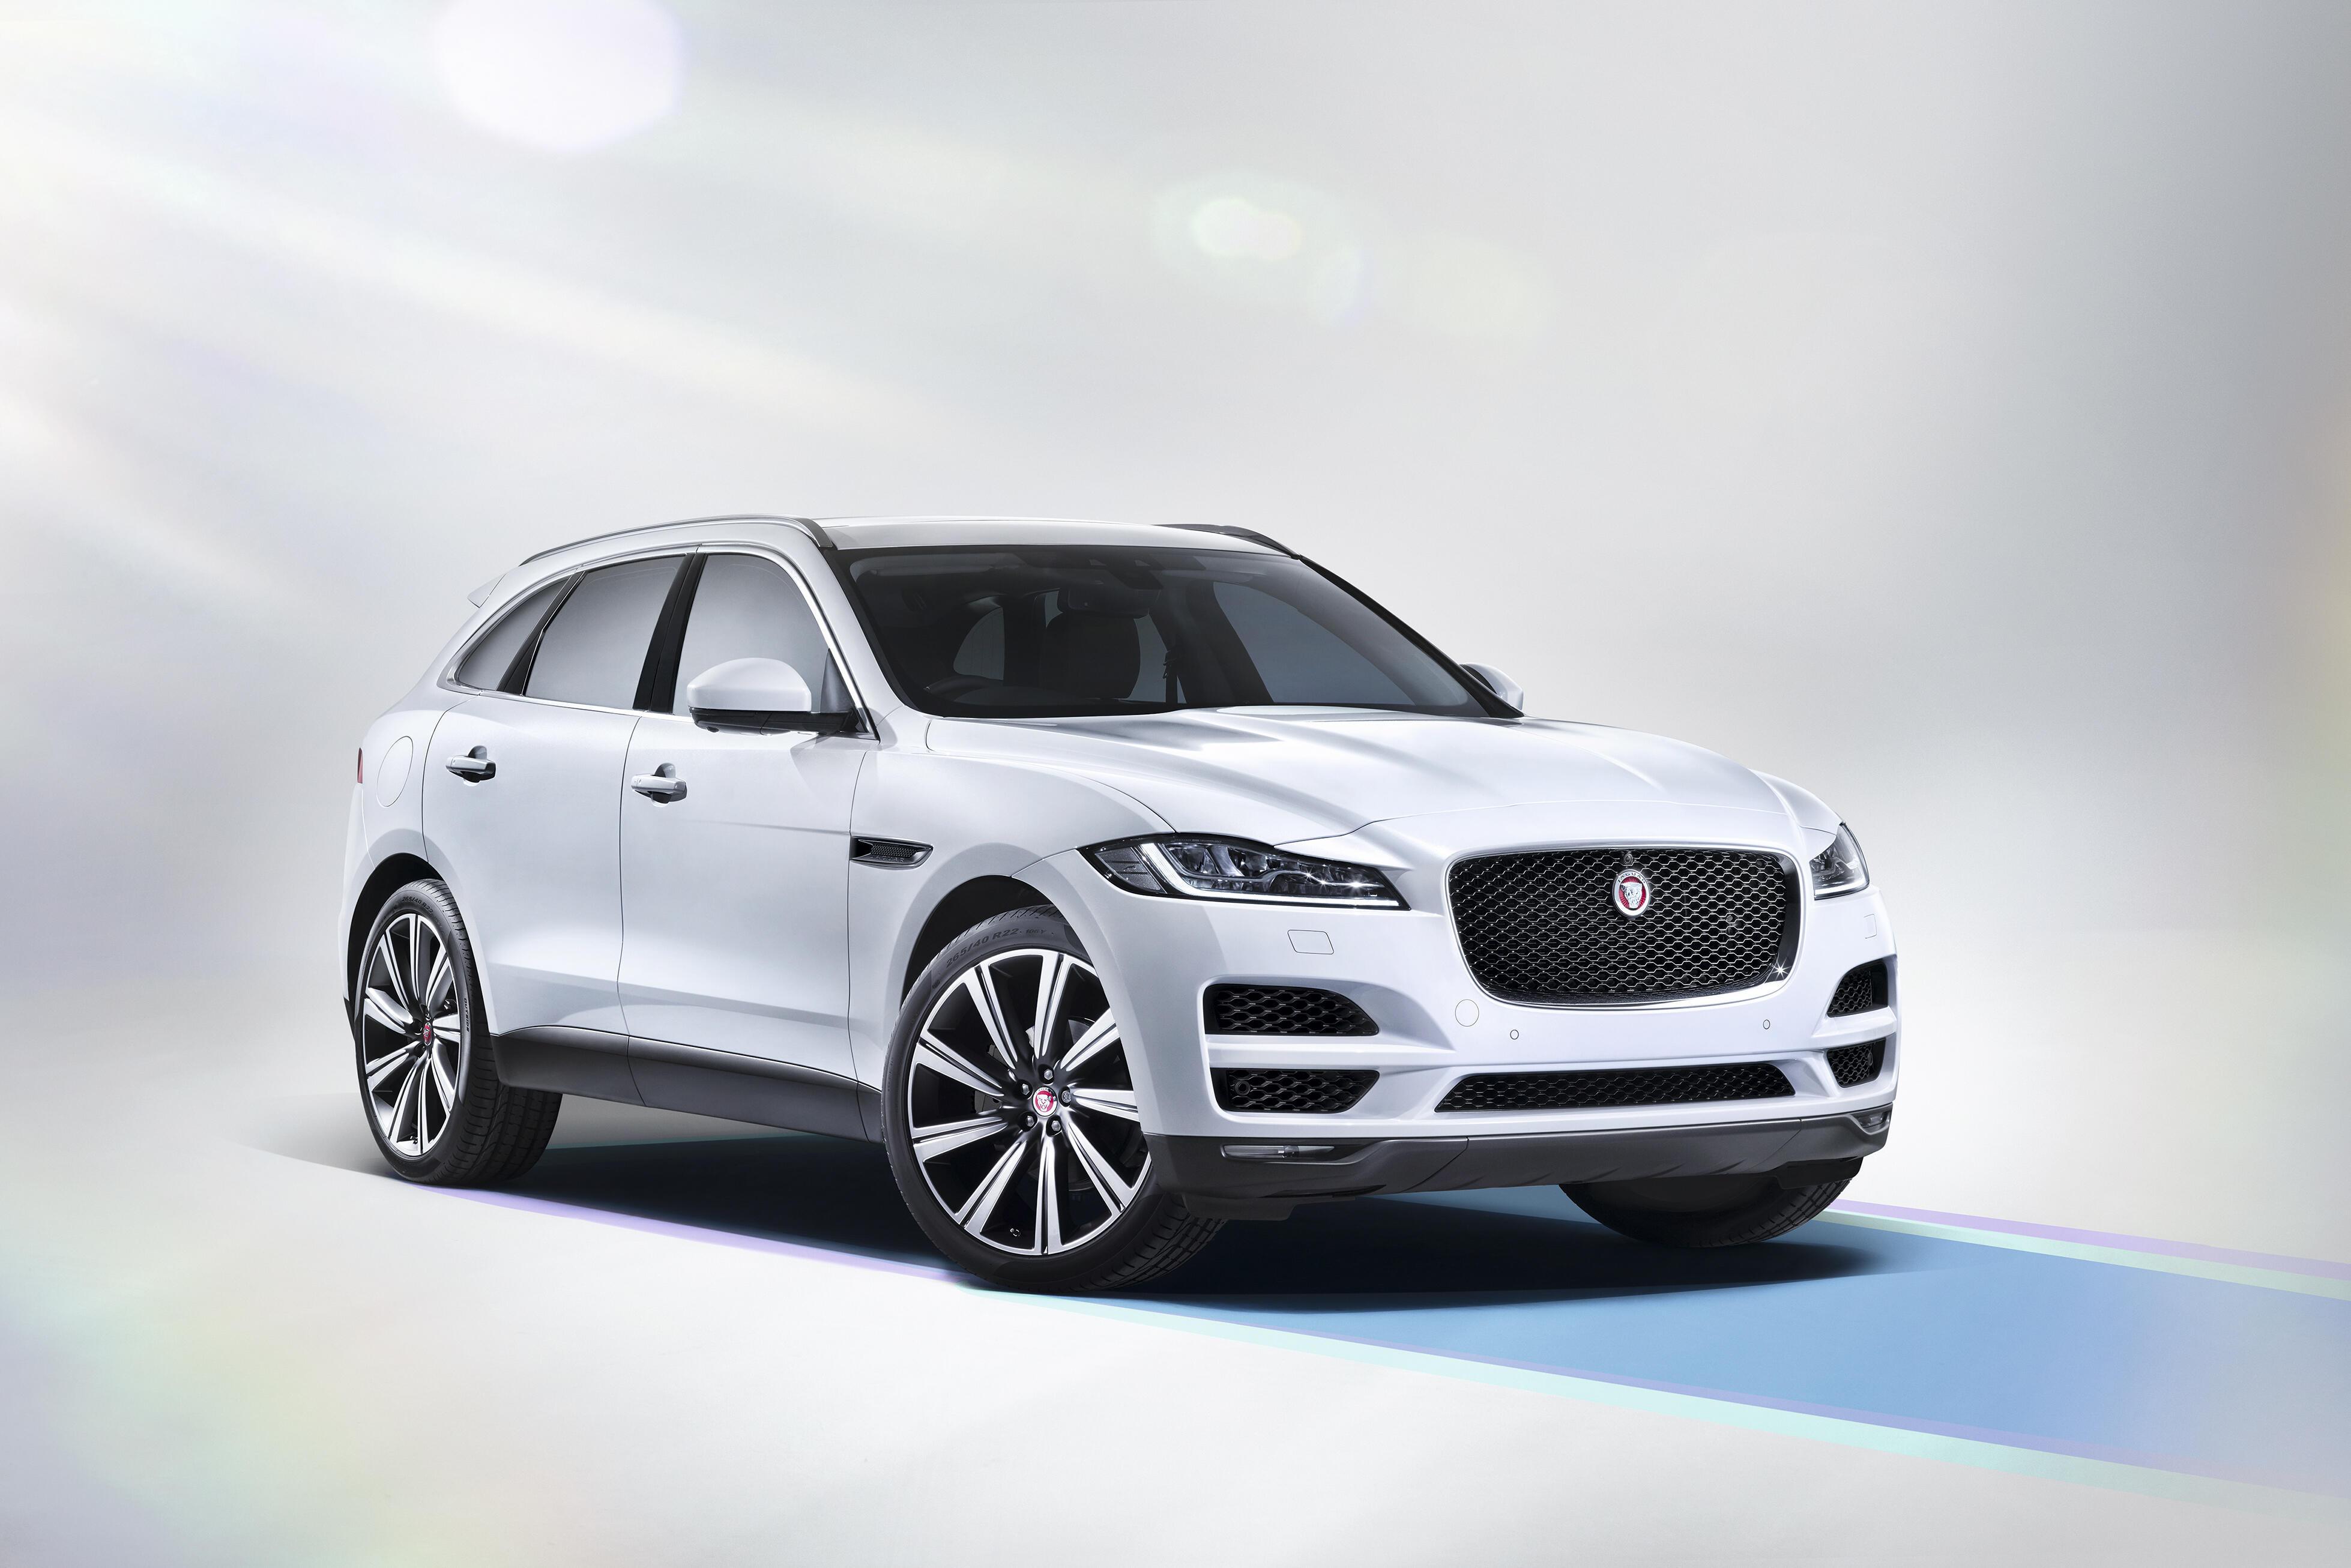 Jaguar F-Pace 2015 - photo Jaguar - Auto Forever